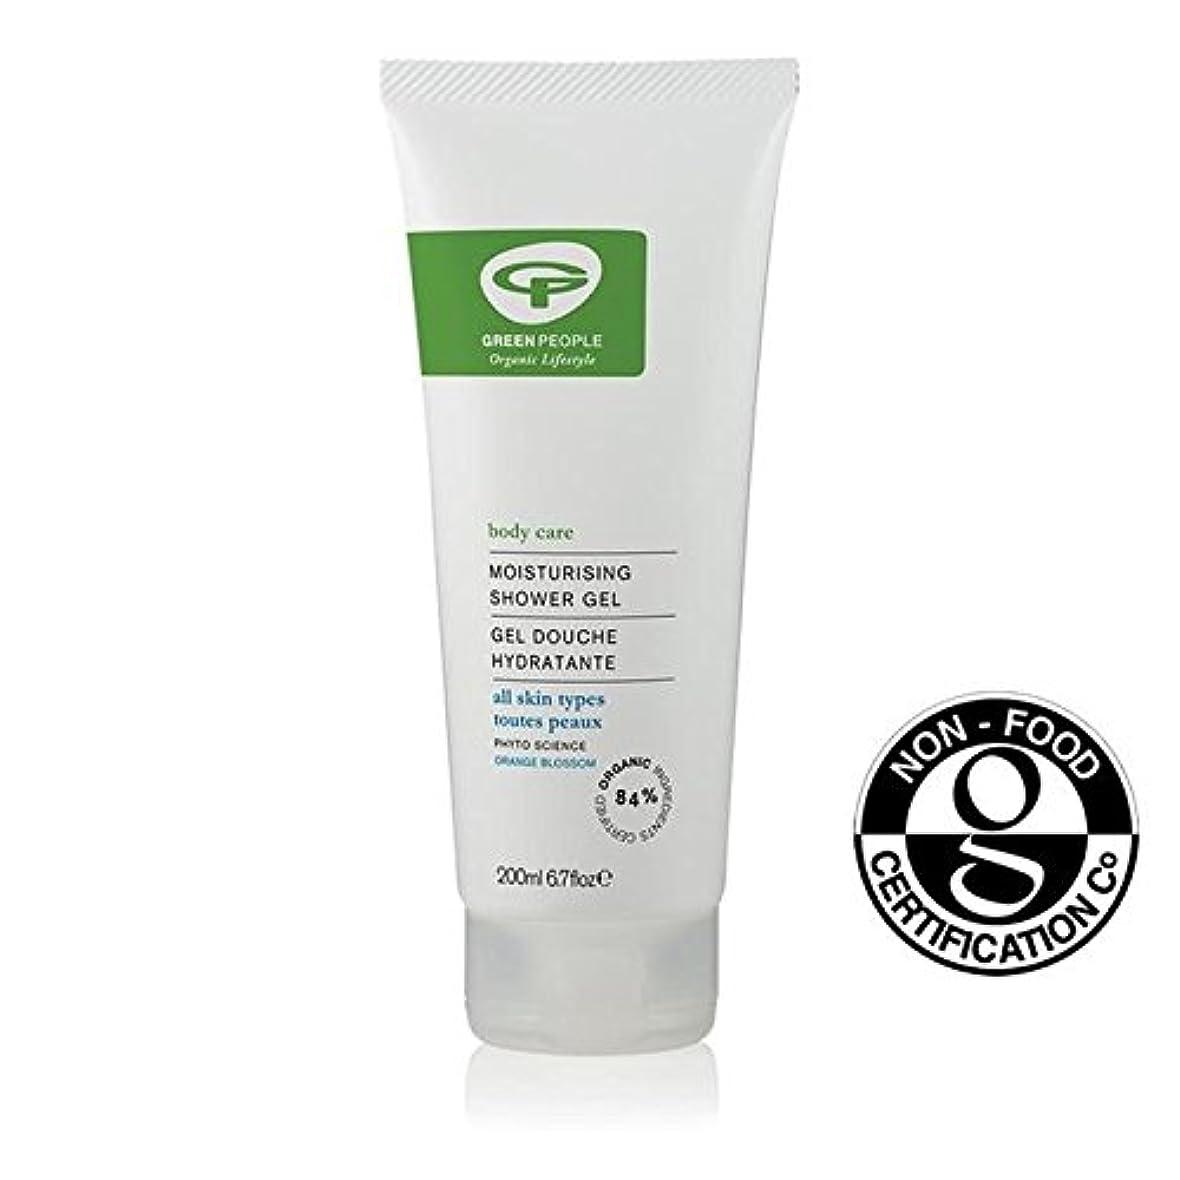 代替防腐剤舌緑の人々の有機保湿シャワージェル200 x4 - Green People Organic Moisturising Shower Gel 200ml (Pack of 4) [並行輸入品]